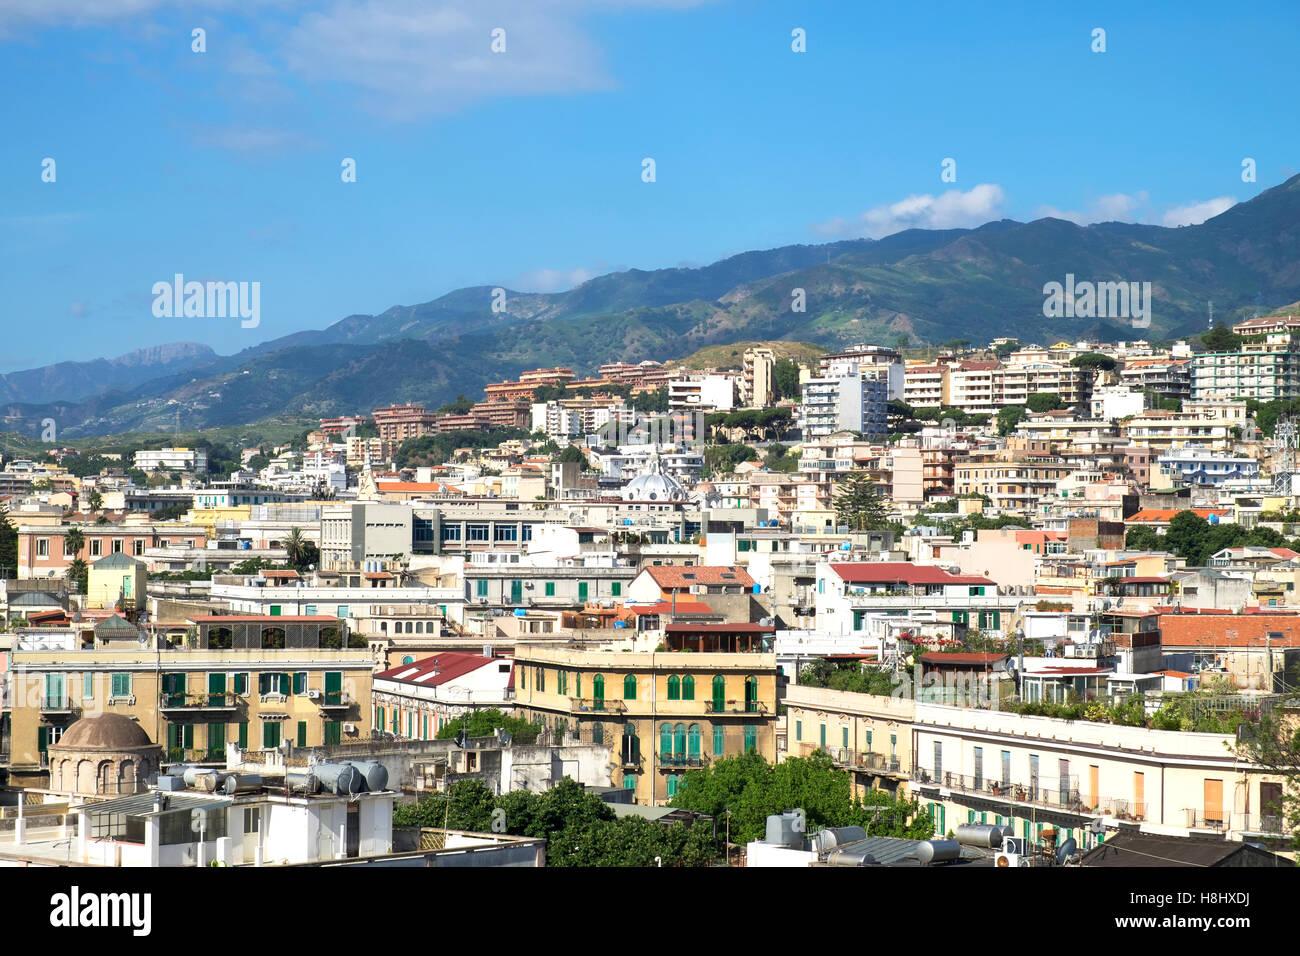 La città di Messina sull'isola di Sicilia, Italia. Immagini Stock